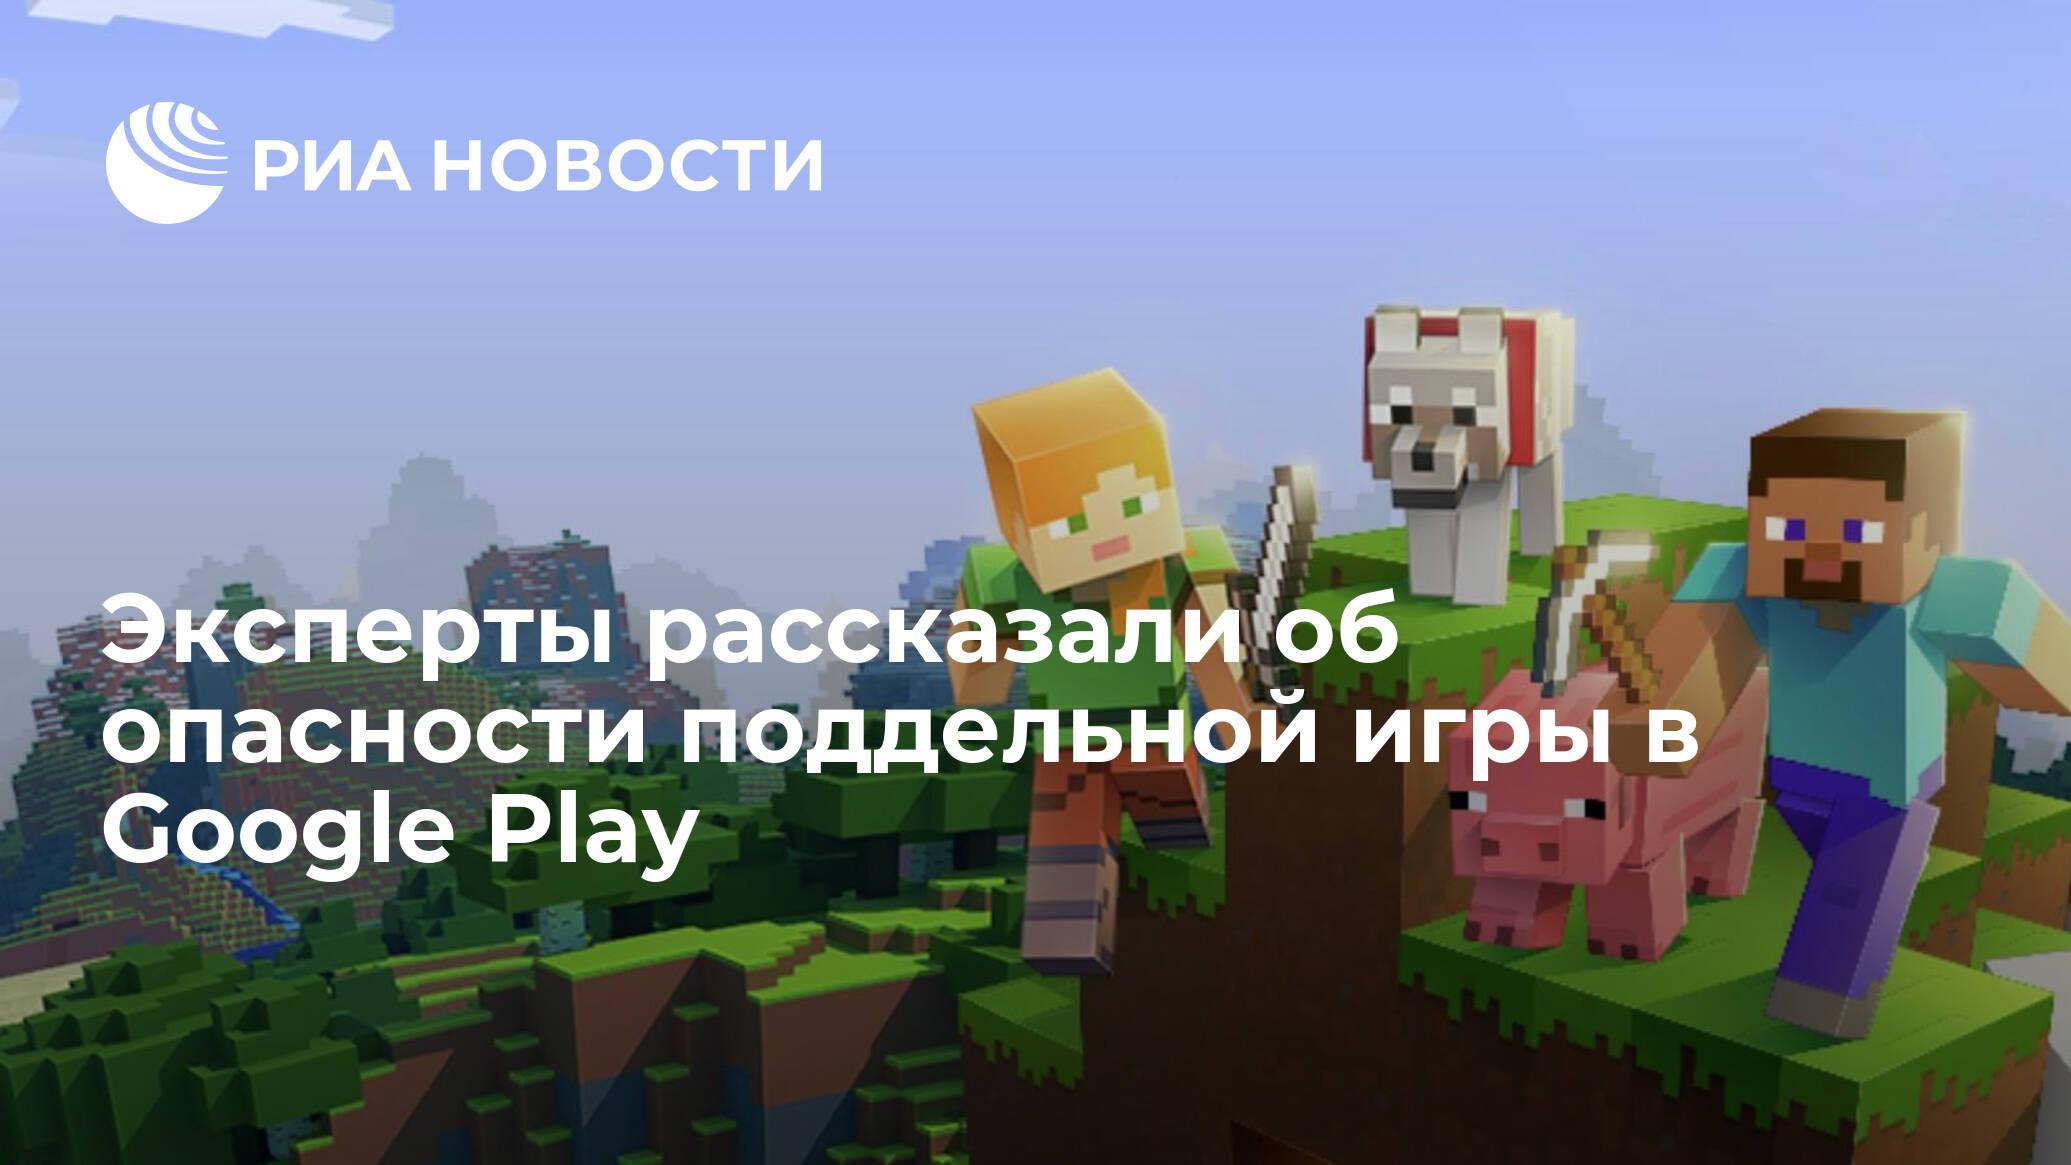 Эксперты рассказали об опасности поддельной игры в Google Play